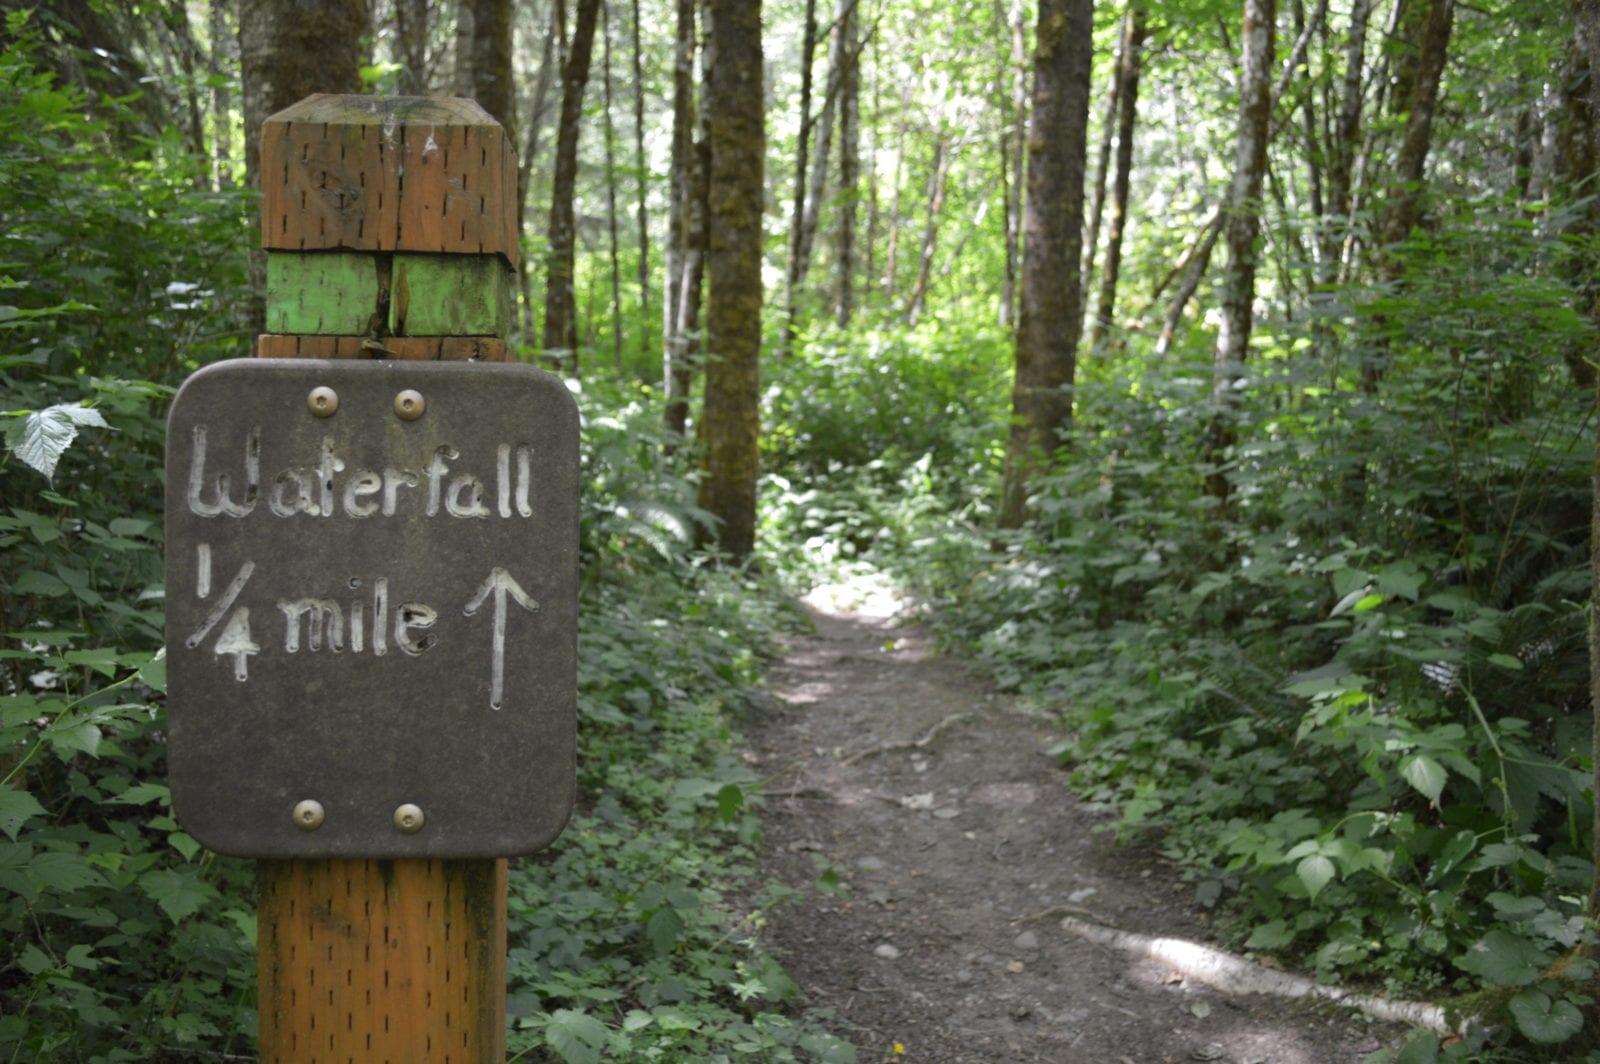 waterfalltrail